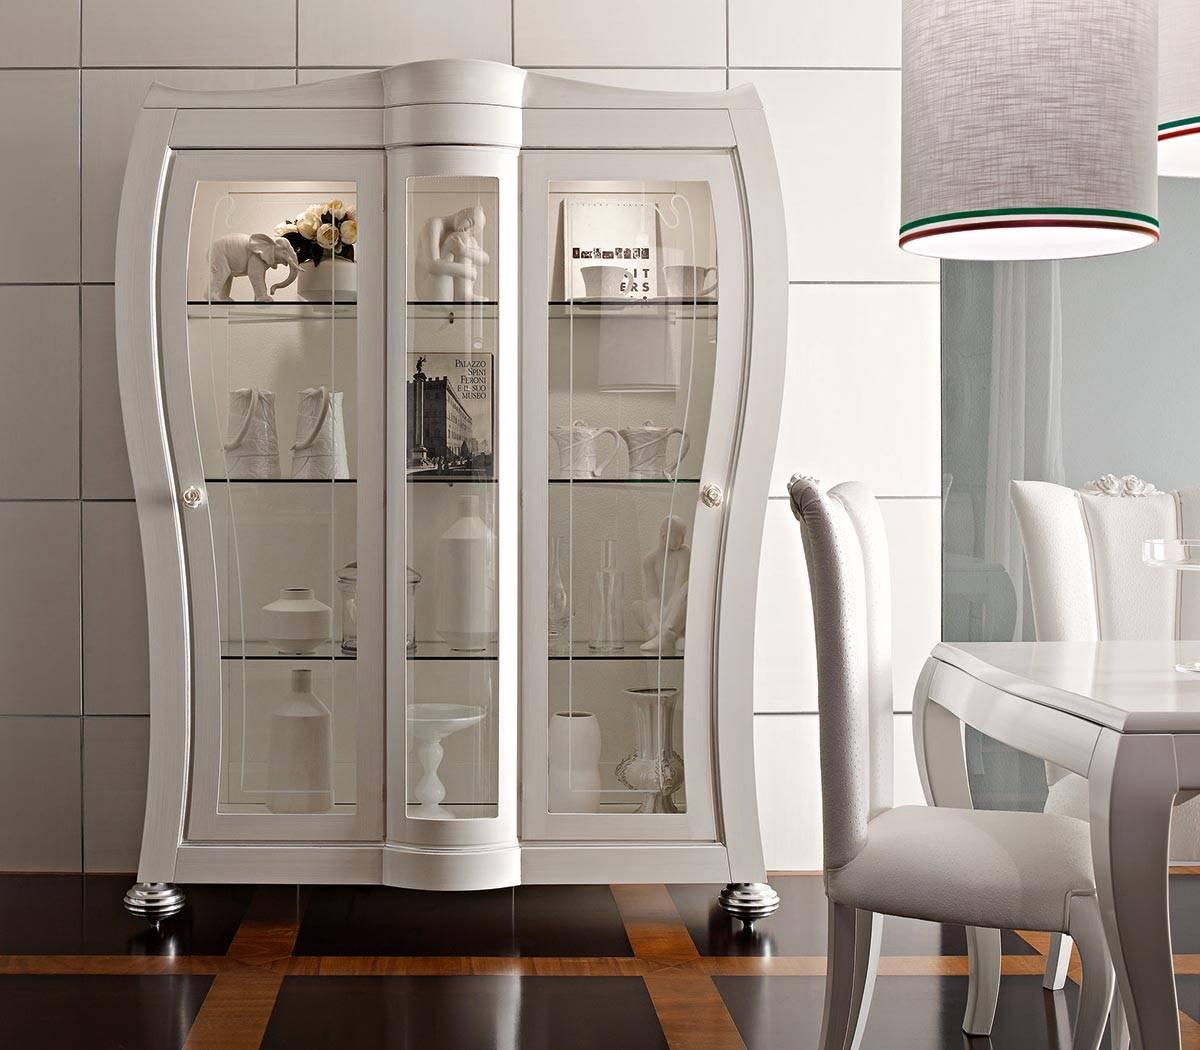 Буфеты (109 фото): элитные и дизайнерские шкафы для посуды, садовые и домашние, большие и маленькие, в стиле кантри и других